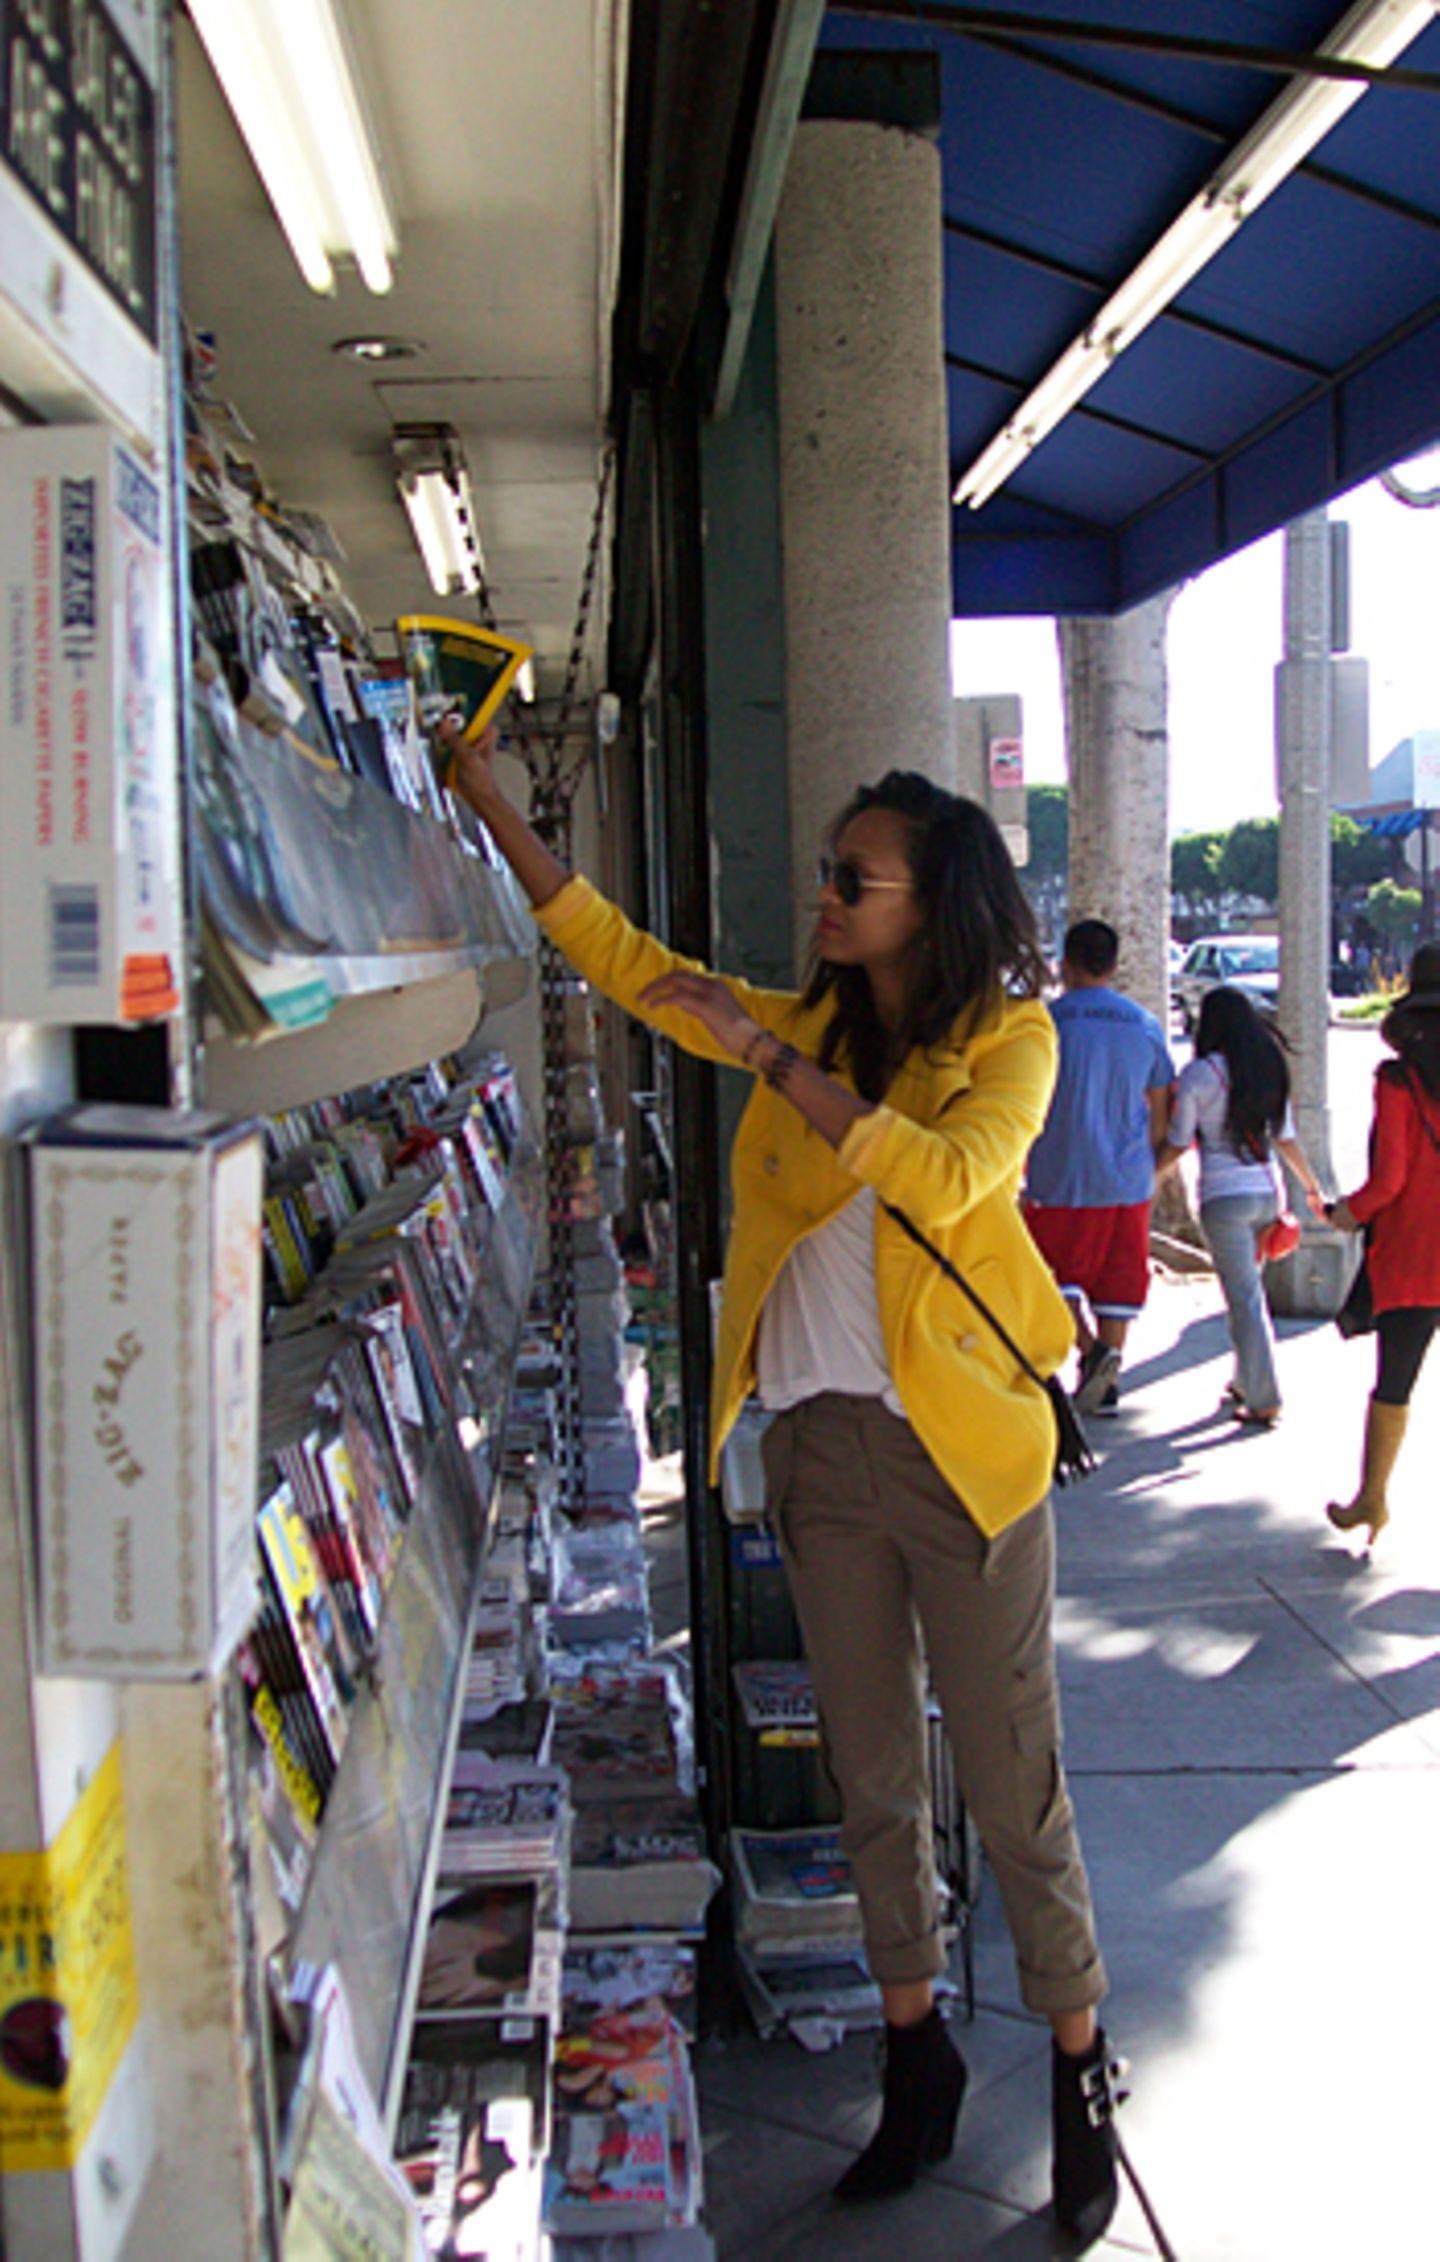 Zoe Saldana wirft einen genaueren Blick auf die Zeitschriften an einem Stand in Los Angeles.